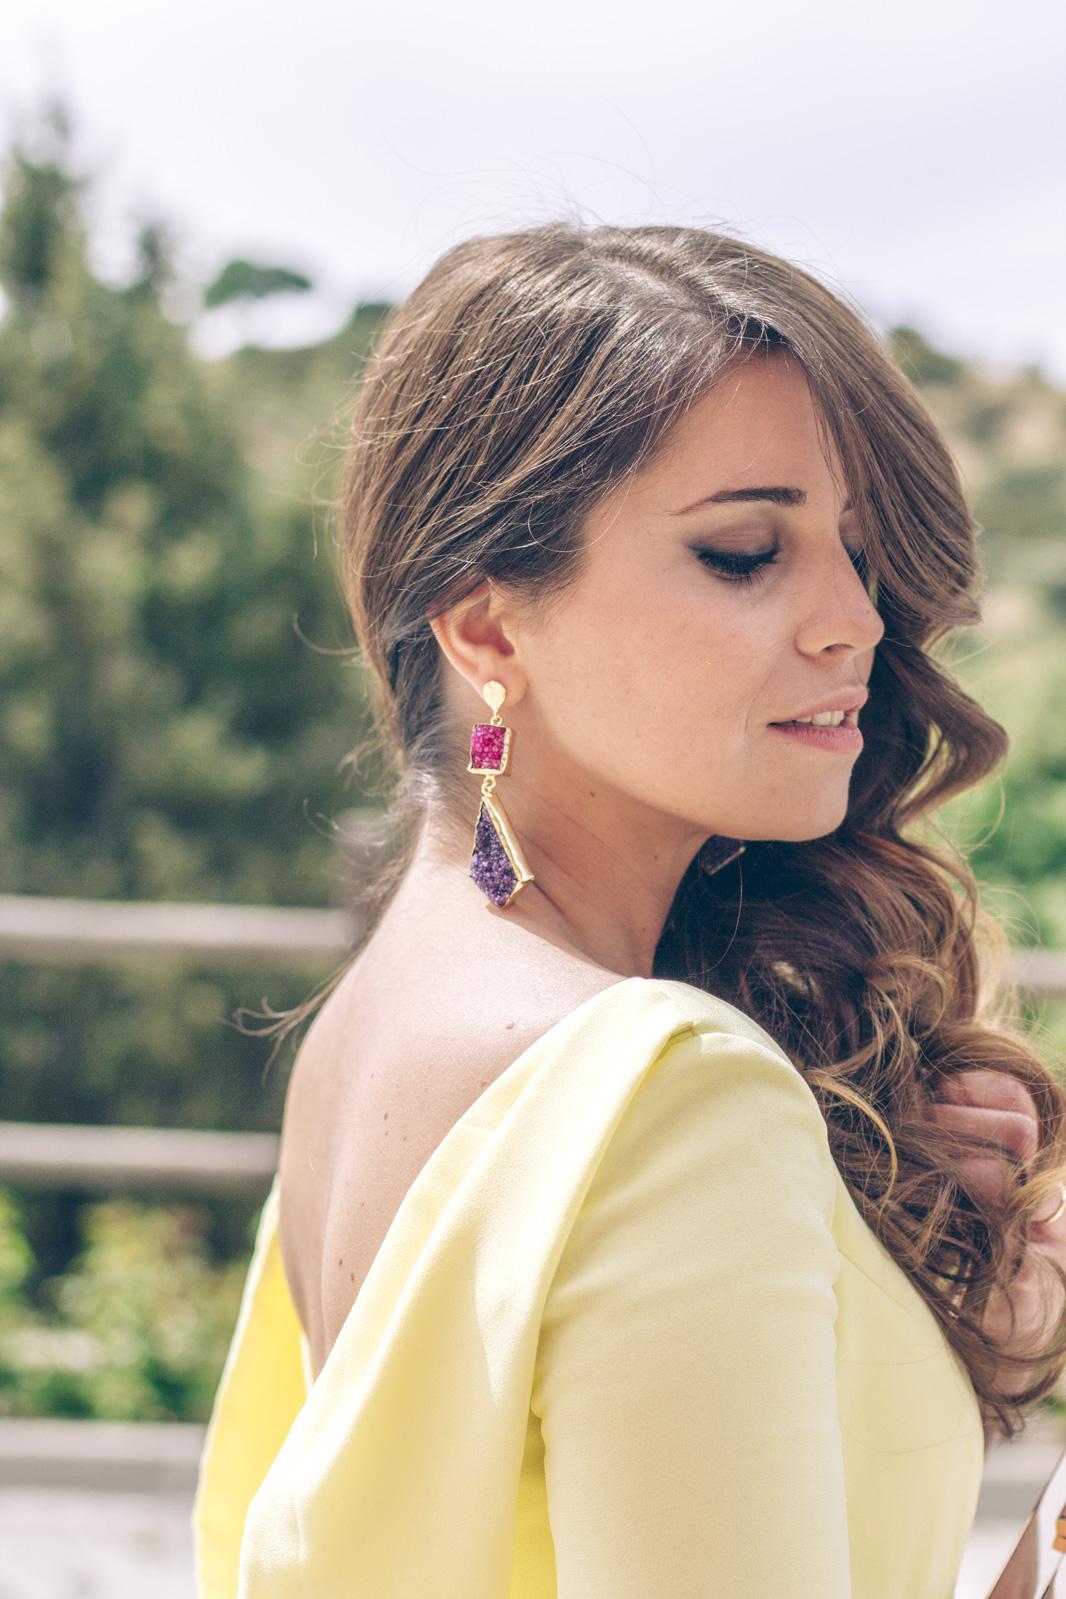 loreto_made_in_style_look_invitada_carmen_carcelen_vestido_boda_amarillo_midi_mole_mole_pendientes_acus-15